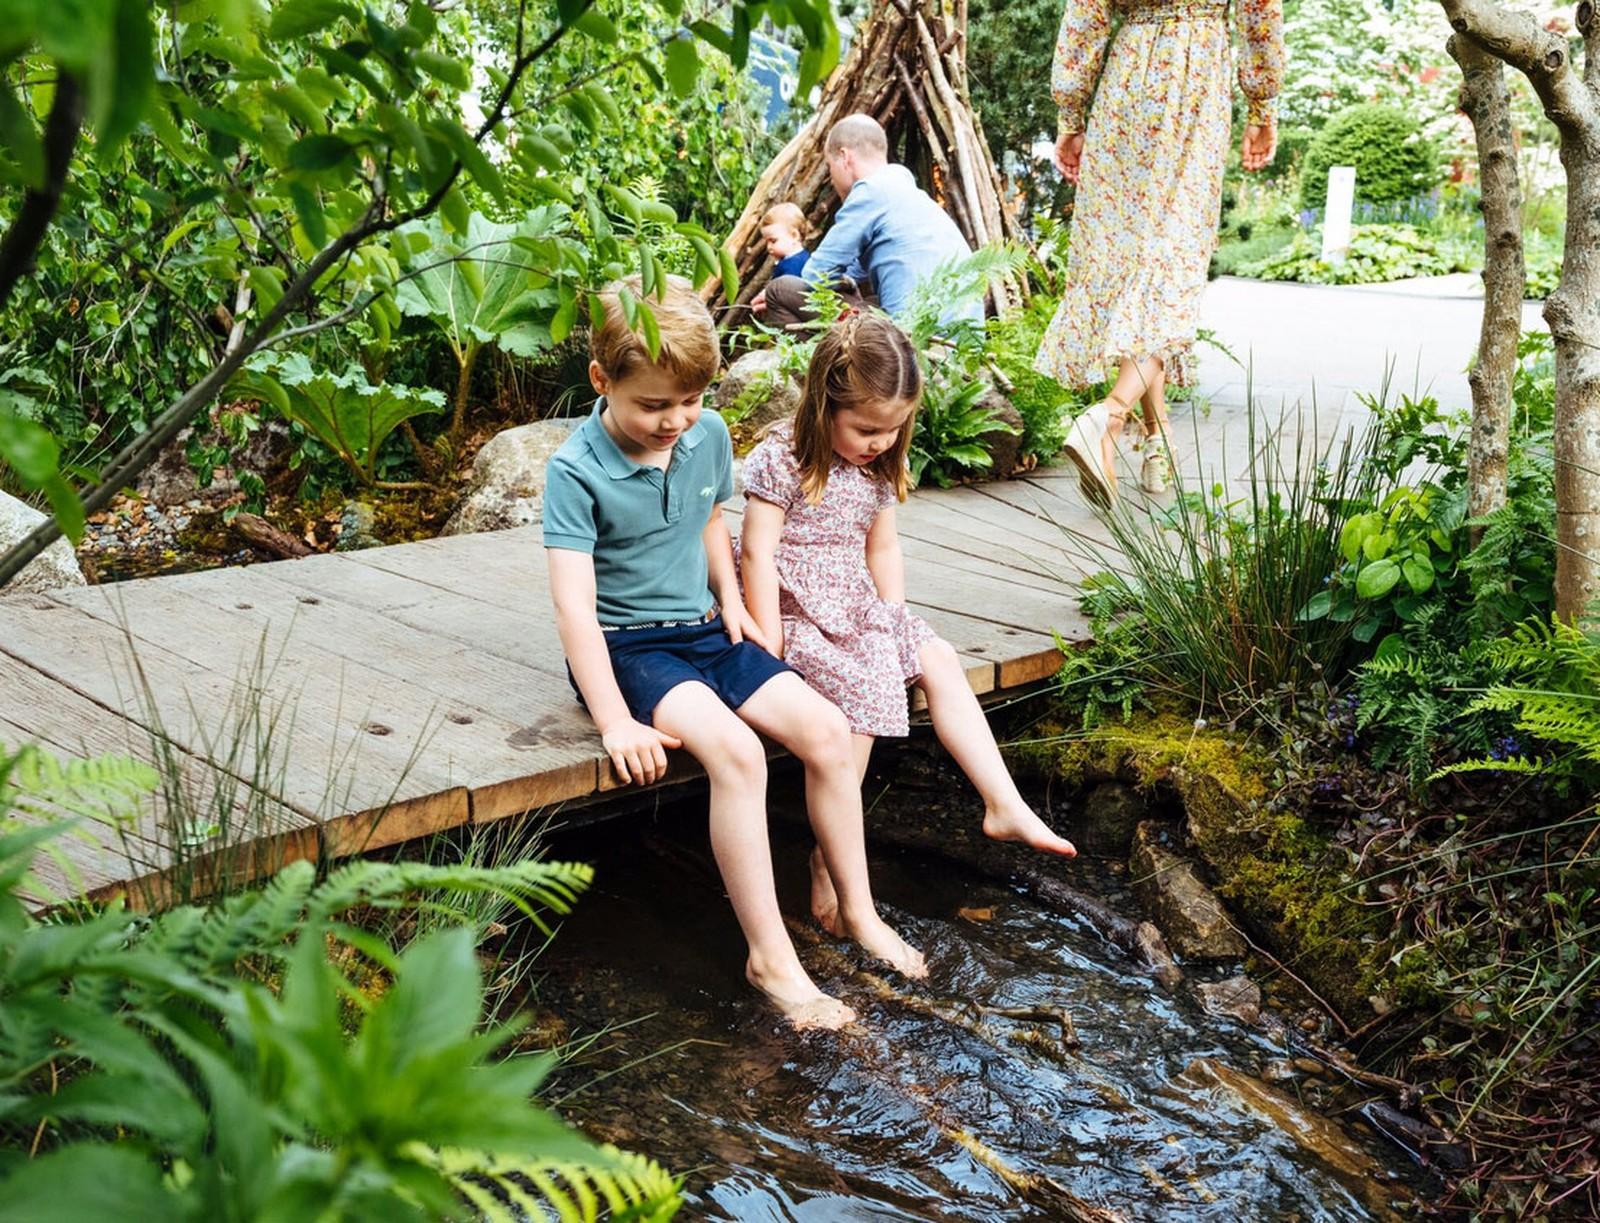 George e Charlotte com os pés no rio